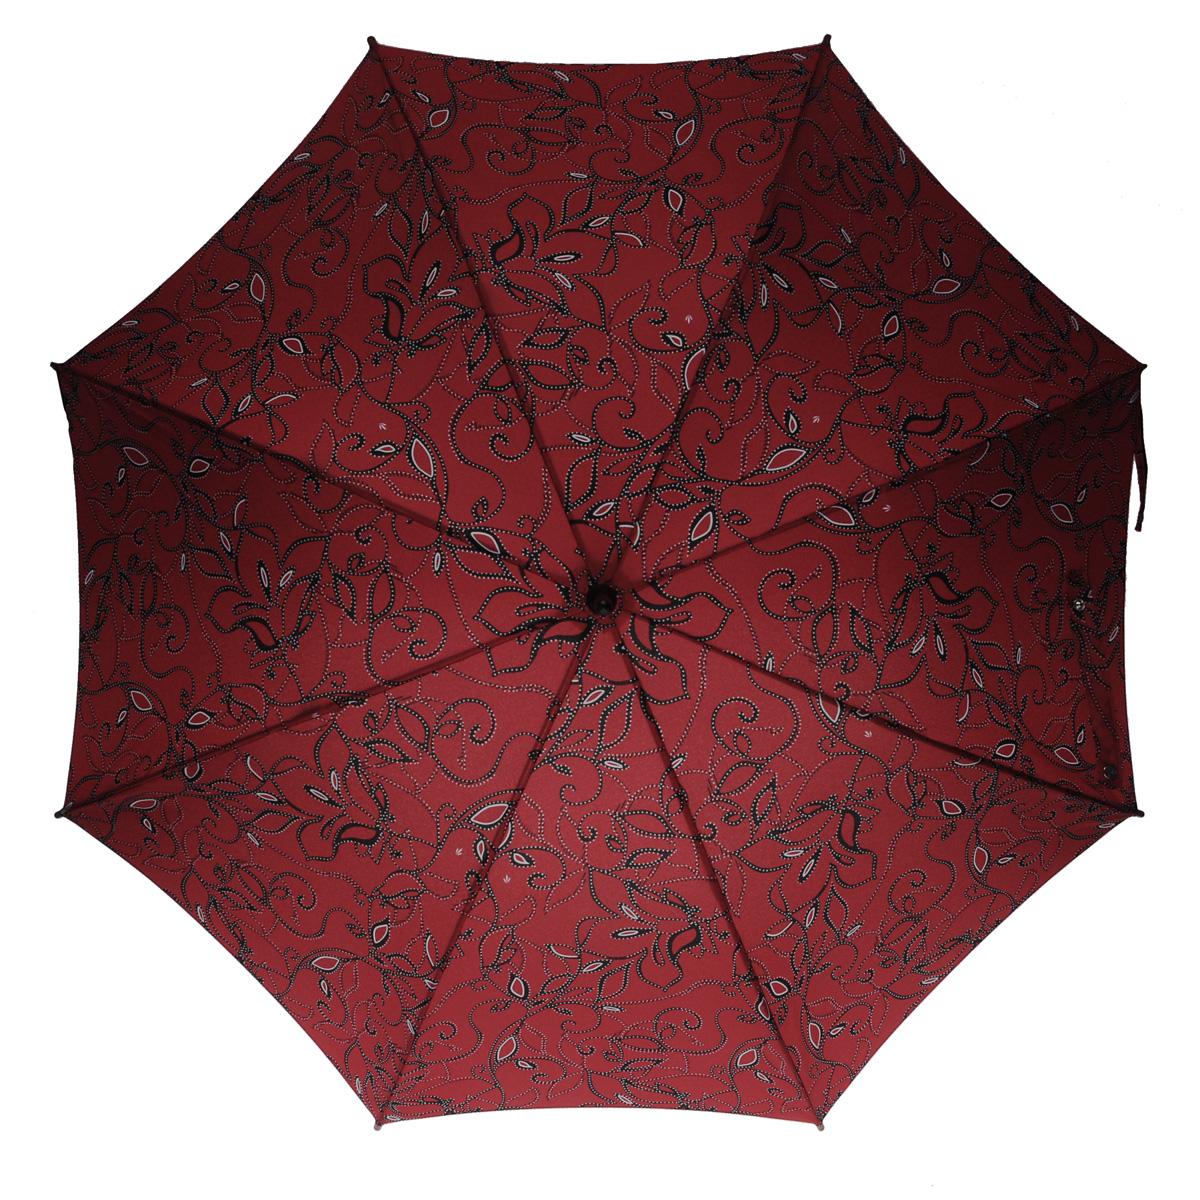 """Зонт-трость женский Fulton, механический, цвет: бордовый. L05645100032/35449/3537AМодный механический зонт-трость """"Fulton"""" даже в ненастную погоду позволит вам оставаться стильной и элегантной. Облегченный каркас зонта состоит из 8 спиц из фибергласса и деревянного стержня. Купол зонта выполнен из прочного полиэстера и оформлен витиеватым цветочным узором, дополненным белым крапом. Изделие оснащено удобной рукояткой из дерева.Зонт механического сложения: купол открывается и закрывается вручную до характерного щелчка.Модель закрывается при помощи двух ремней с кнопками.Такой зонт не только надежно защитит вас от дождя, но и станет стильным аксессуаром, который идеально подчеркнет ваш неповторимый образ."""